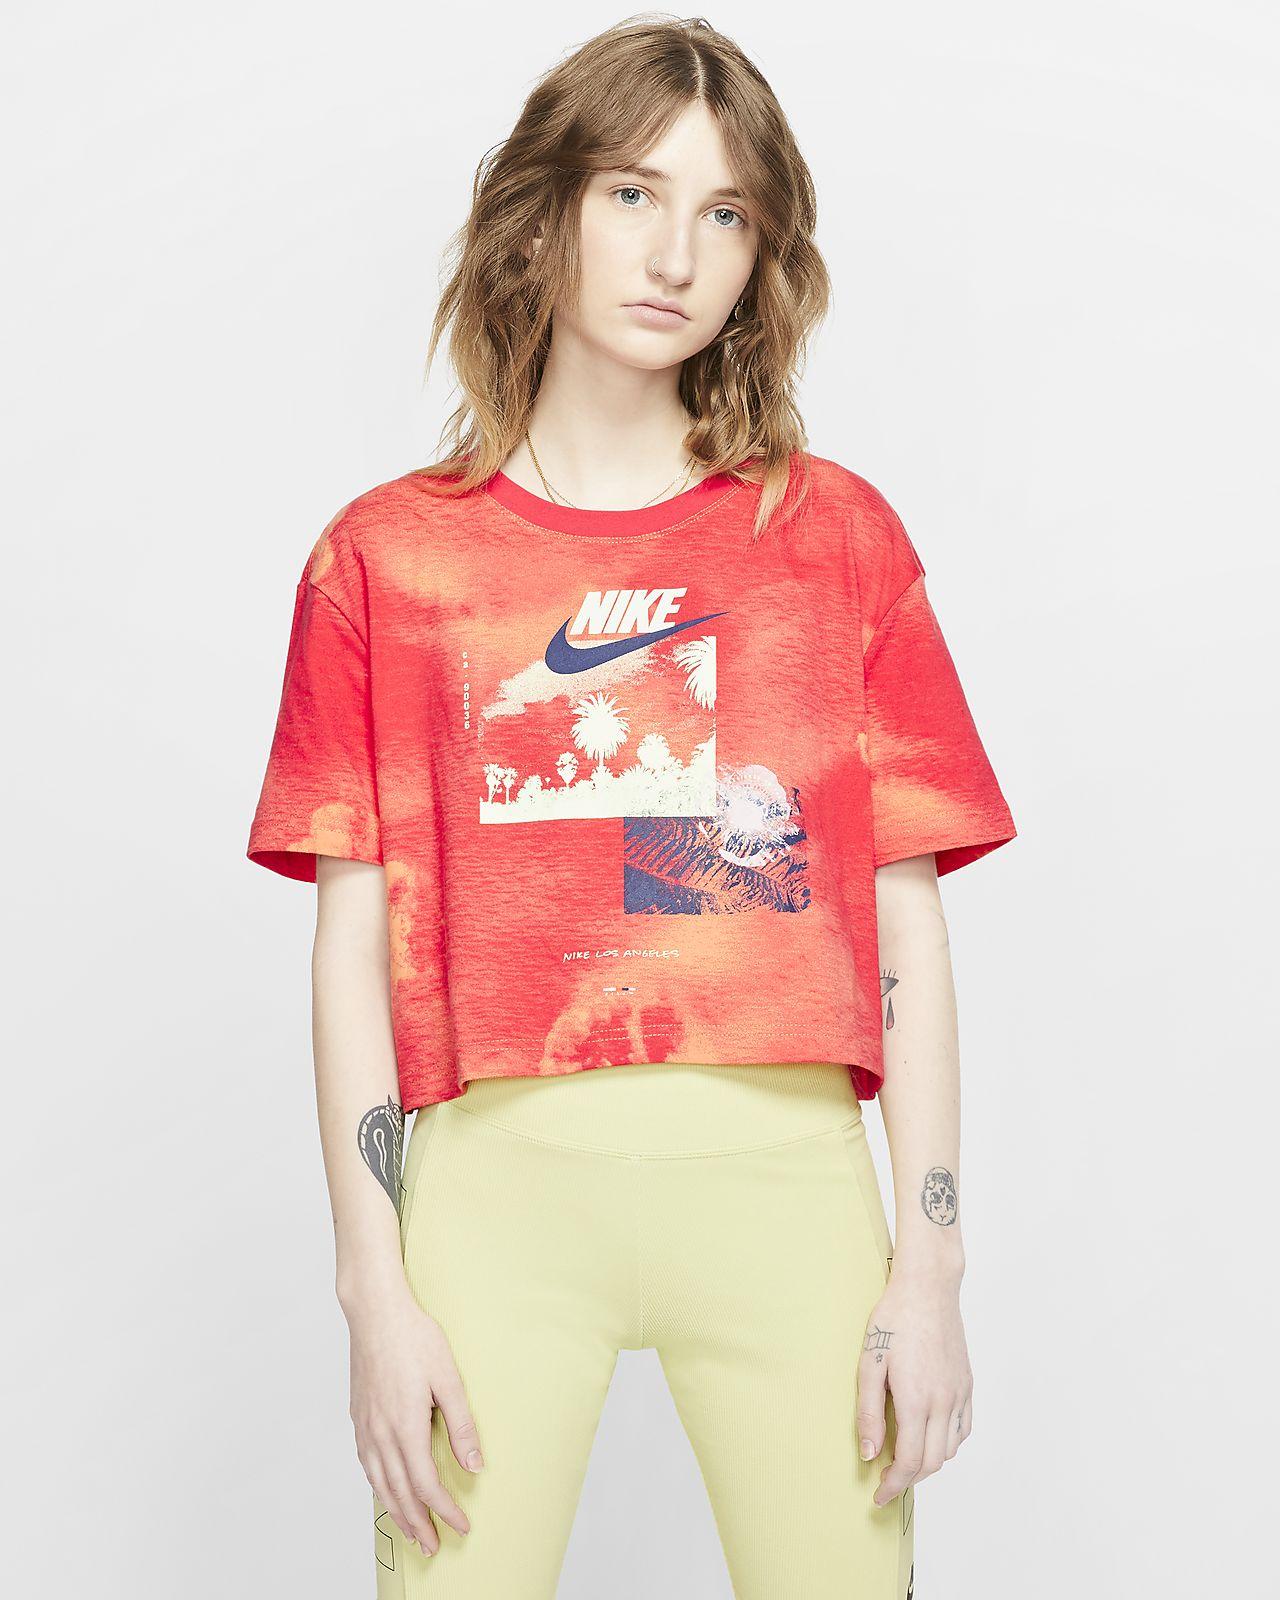 Nike Sportswear Women's Tie-Dye Crop Top